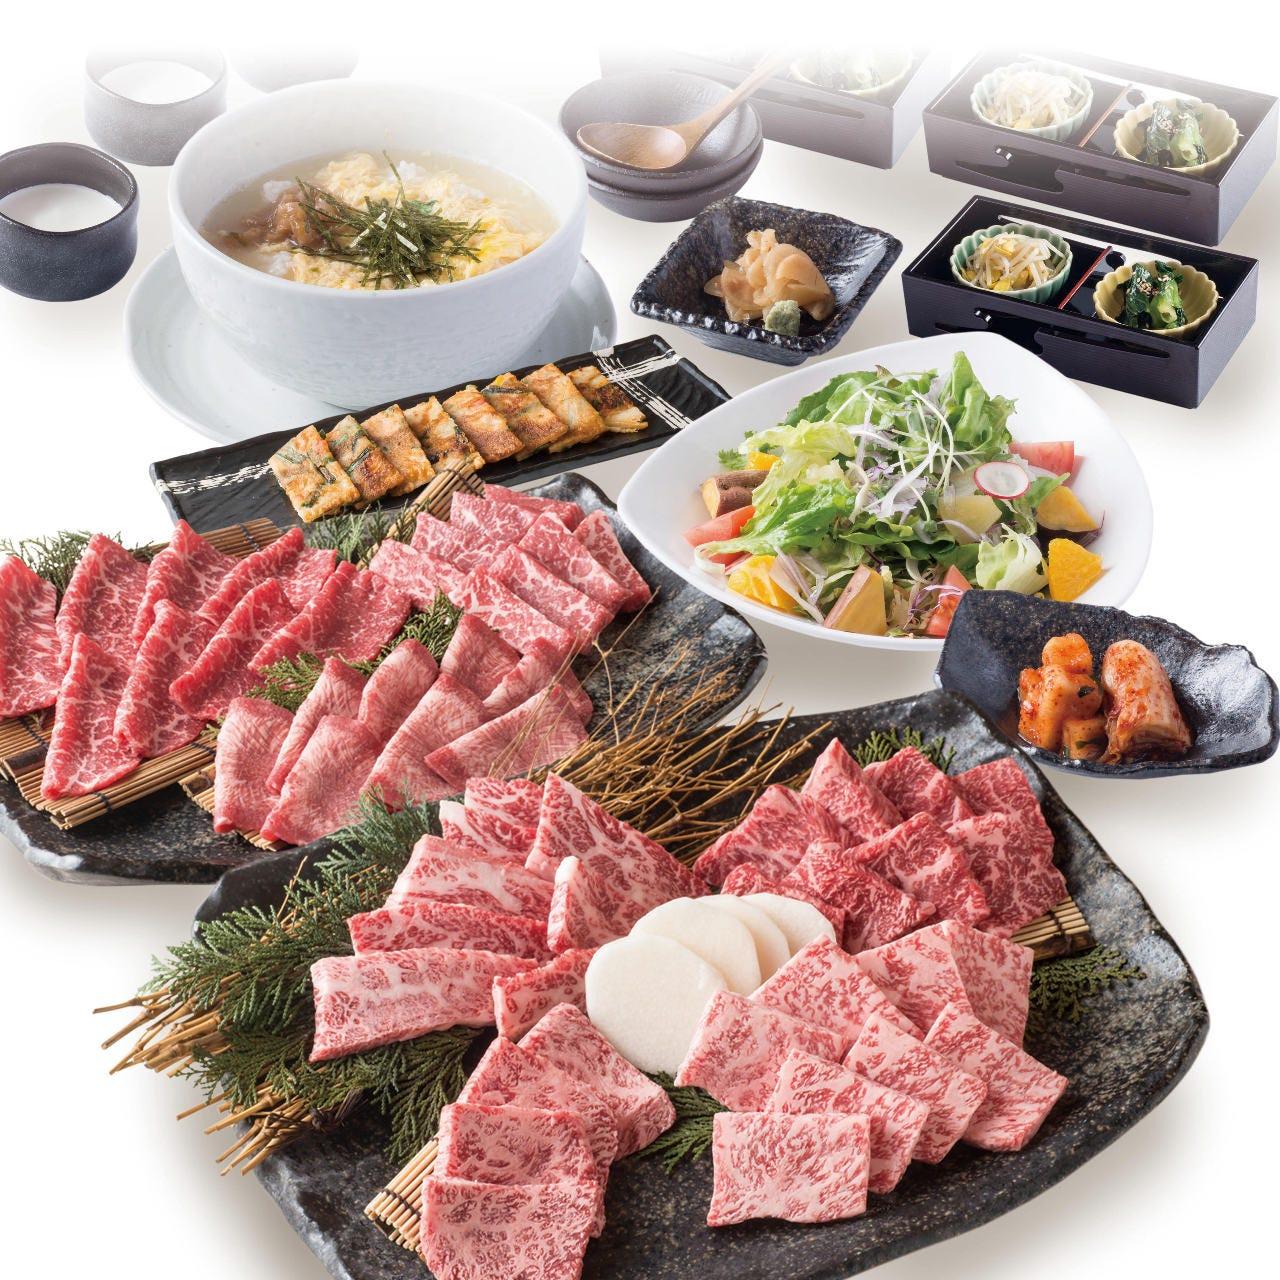 【宴-utage-コース】薩摩牛の上品な味と肉質に舌も心も感動宴会! +1,500円で飲み放題